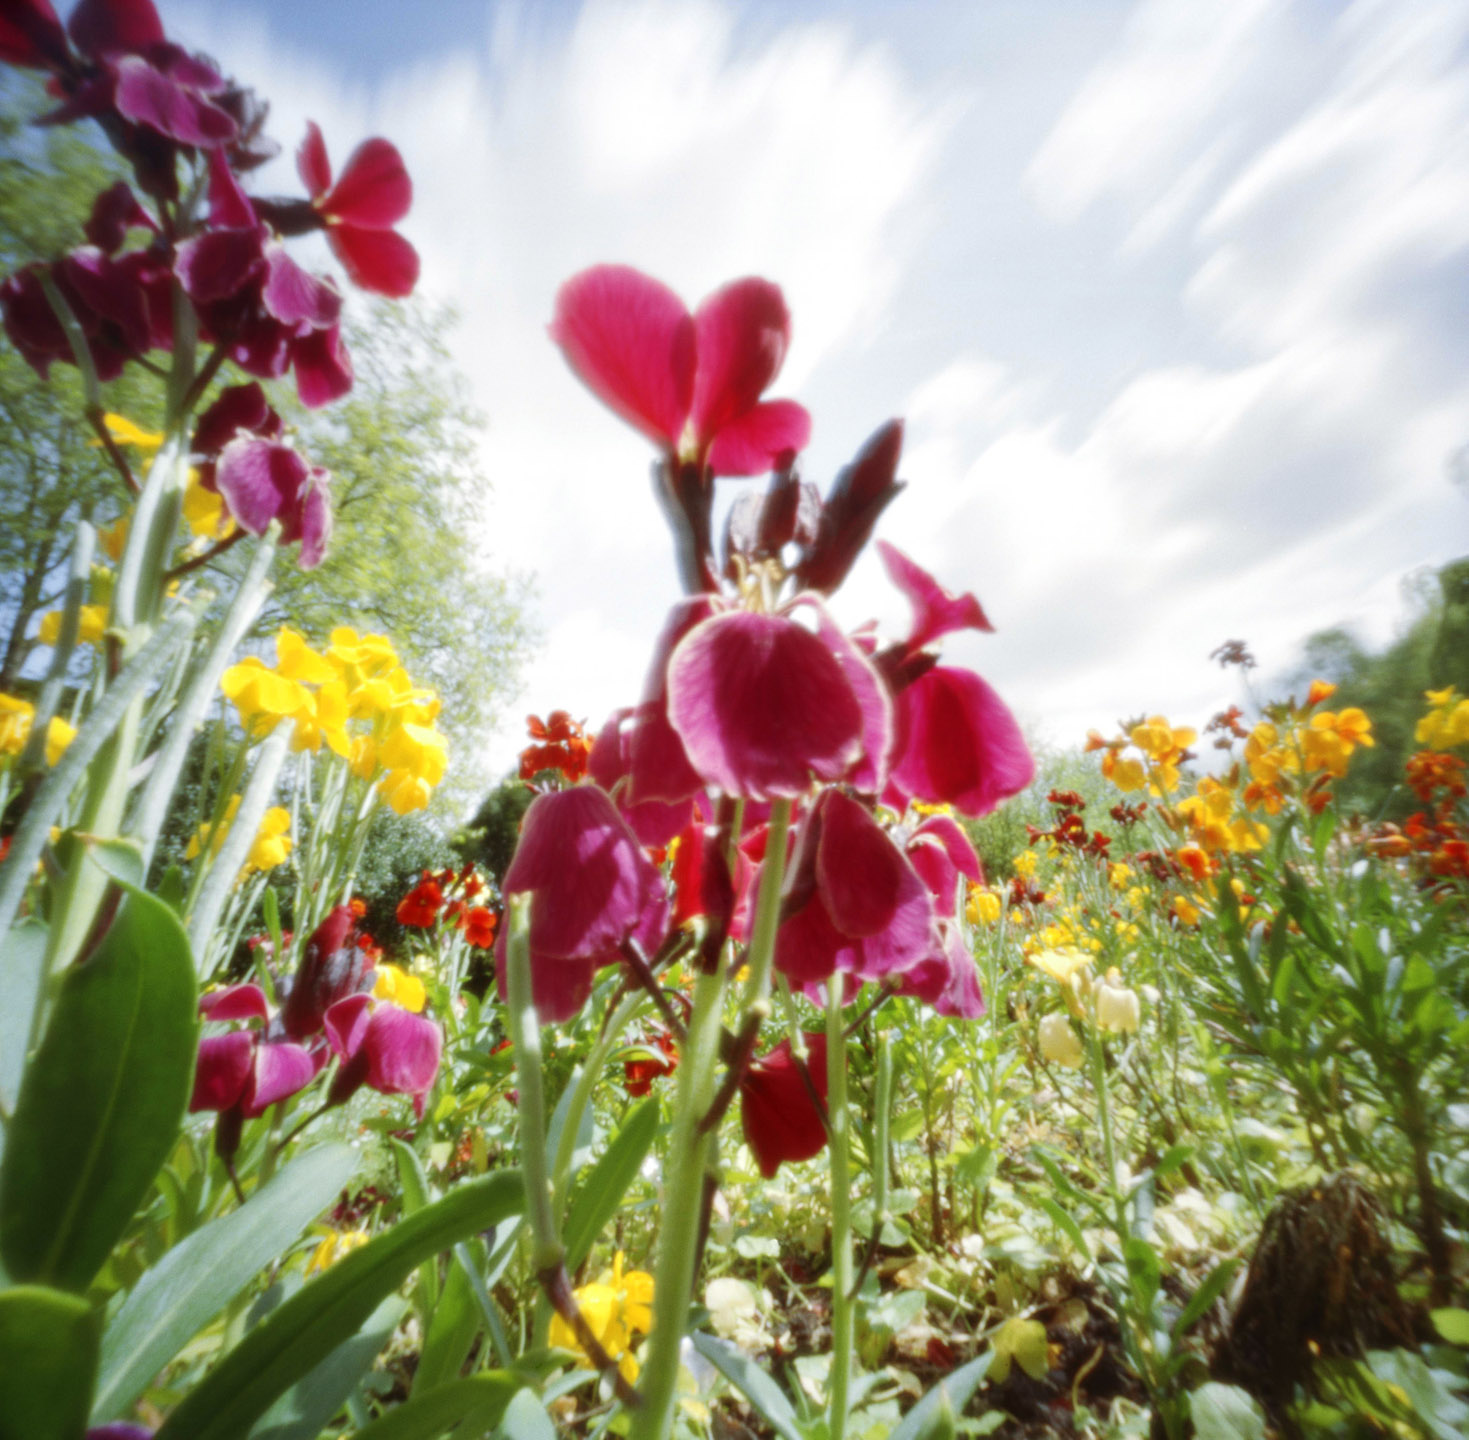 Nadege_brightflowers